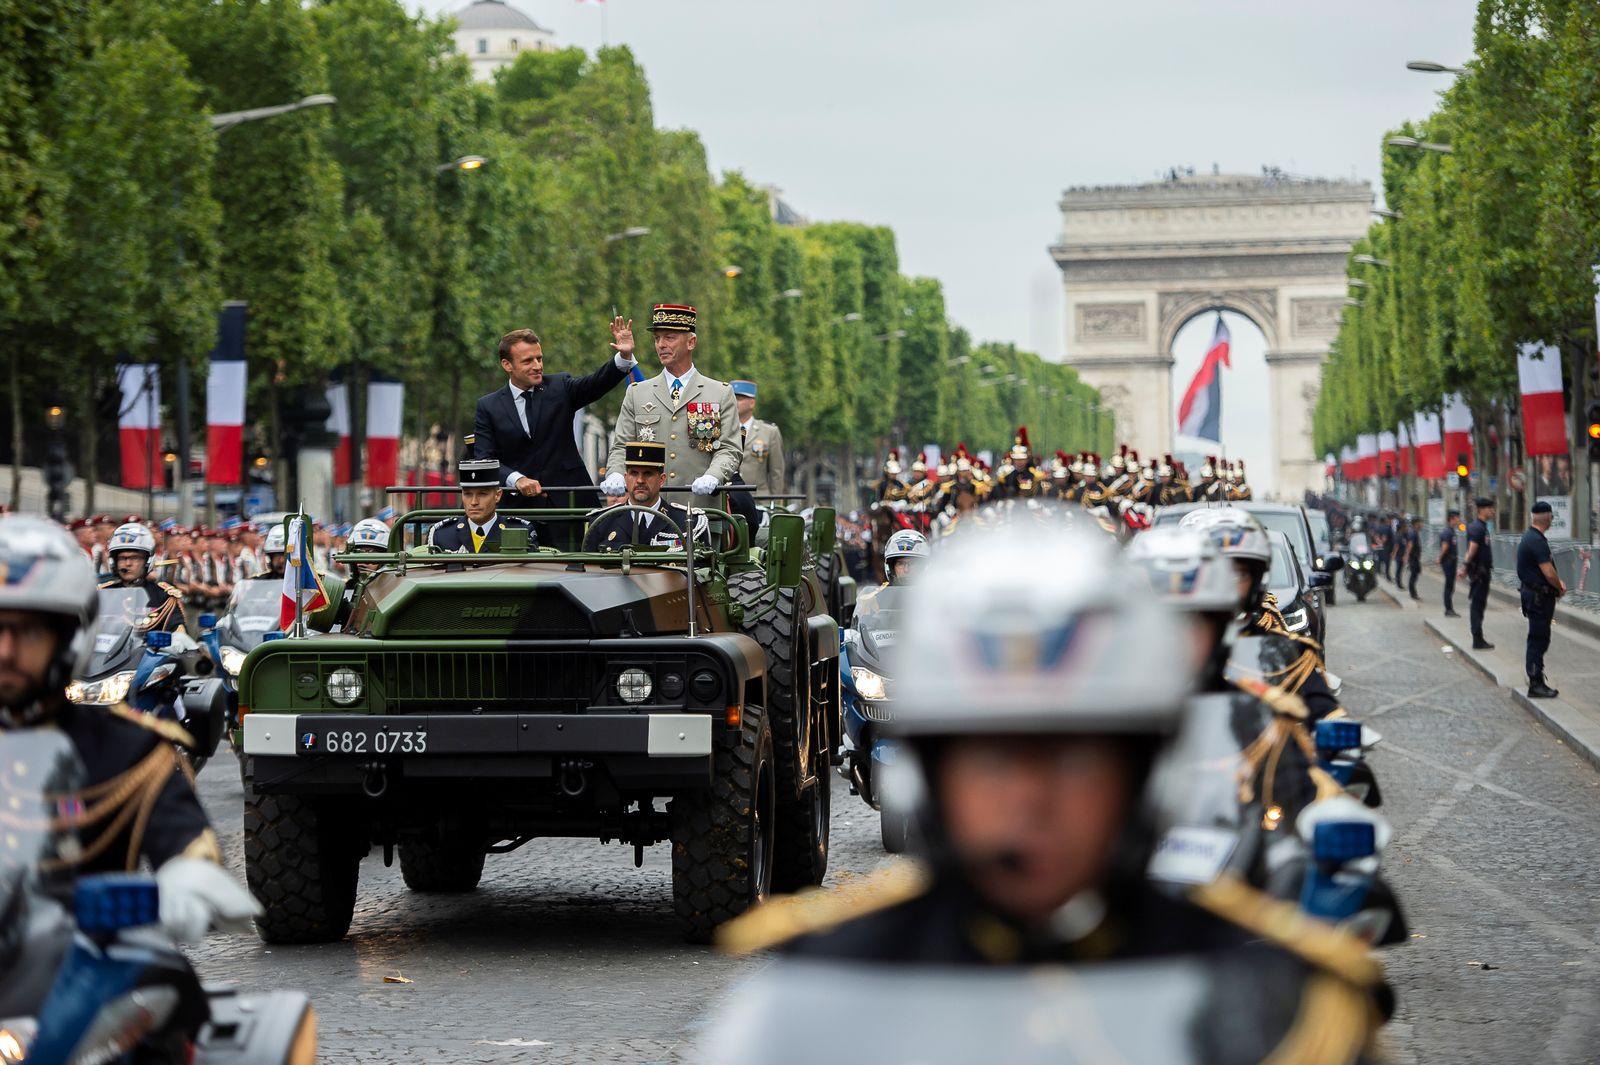 FRANCE-NATIONALDAY/